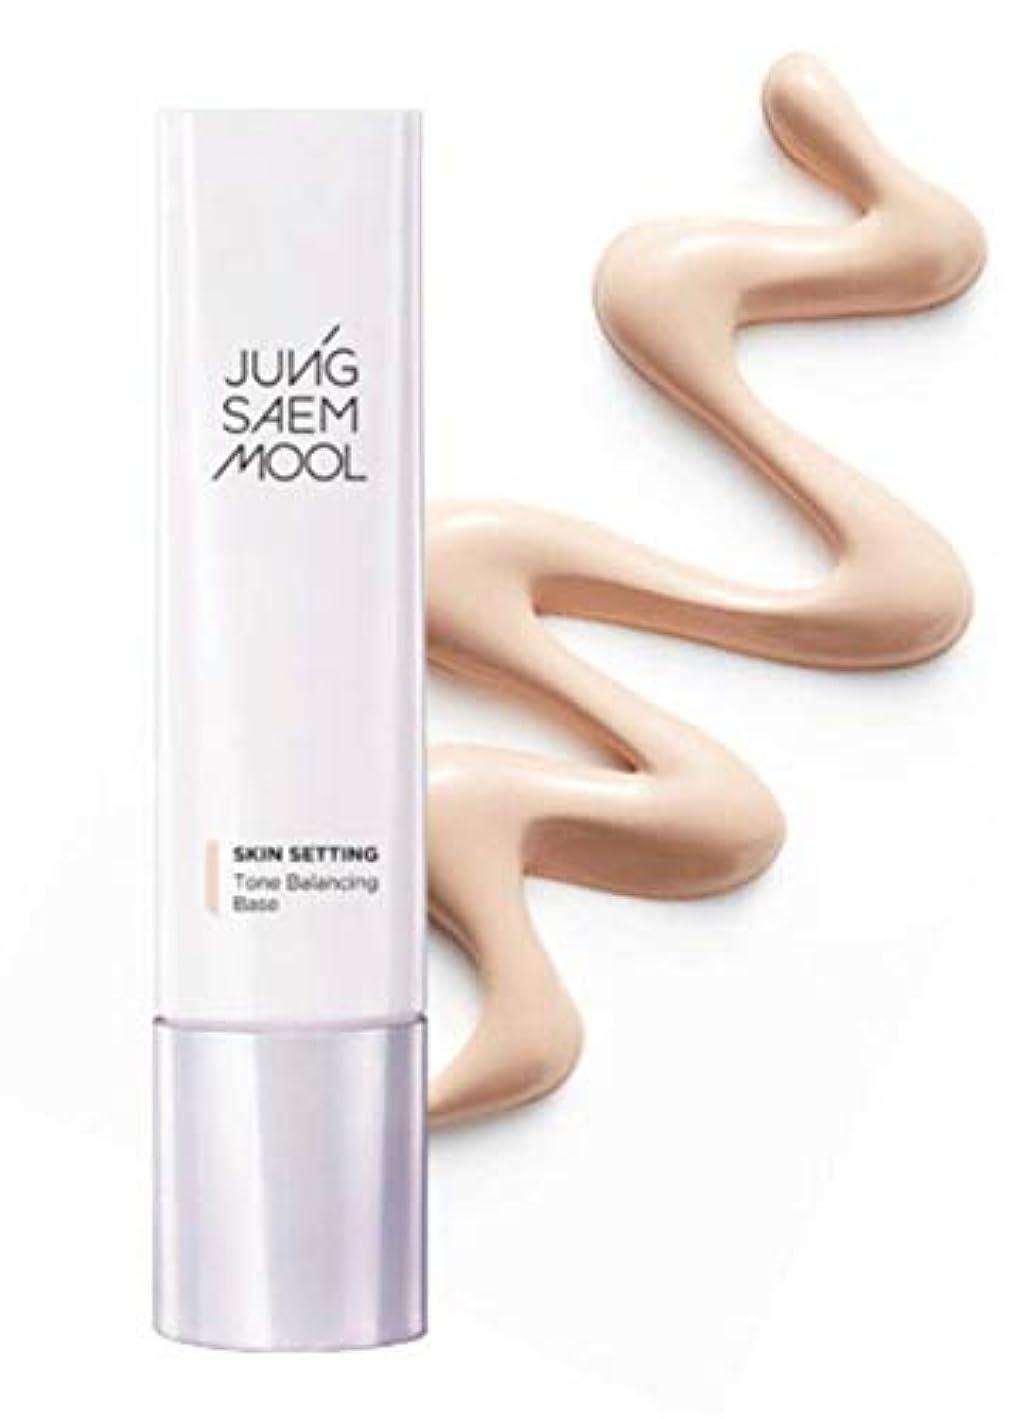 姿を消す倉庫ステッチ[JUNG SAEM MOOL] Skin Setting Tone Balancing Base 40ml / ジョンセンムル スキン セッティング トーン バランシング ベース [並行輸入品]